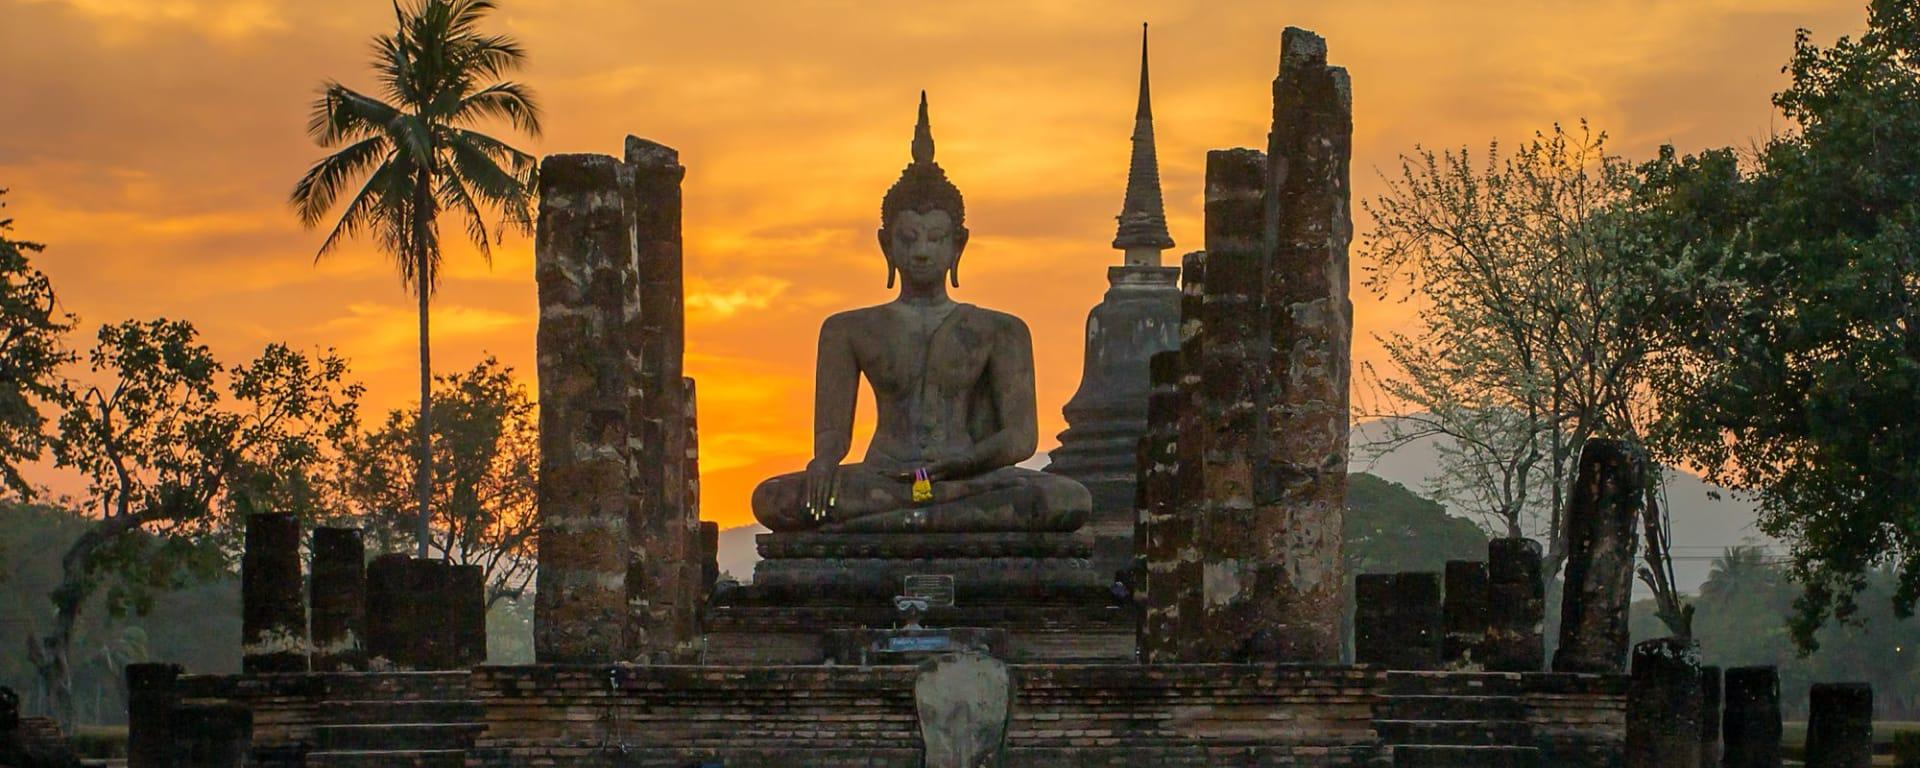 Voyages en Thaïlande | Vacances en Asie par tourasia: Sukhothai: Buddha statue in Wat Mahathat temple